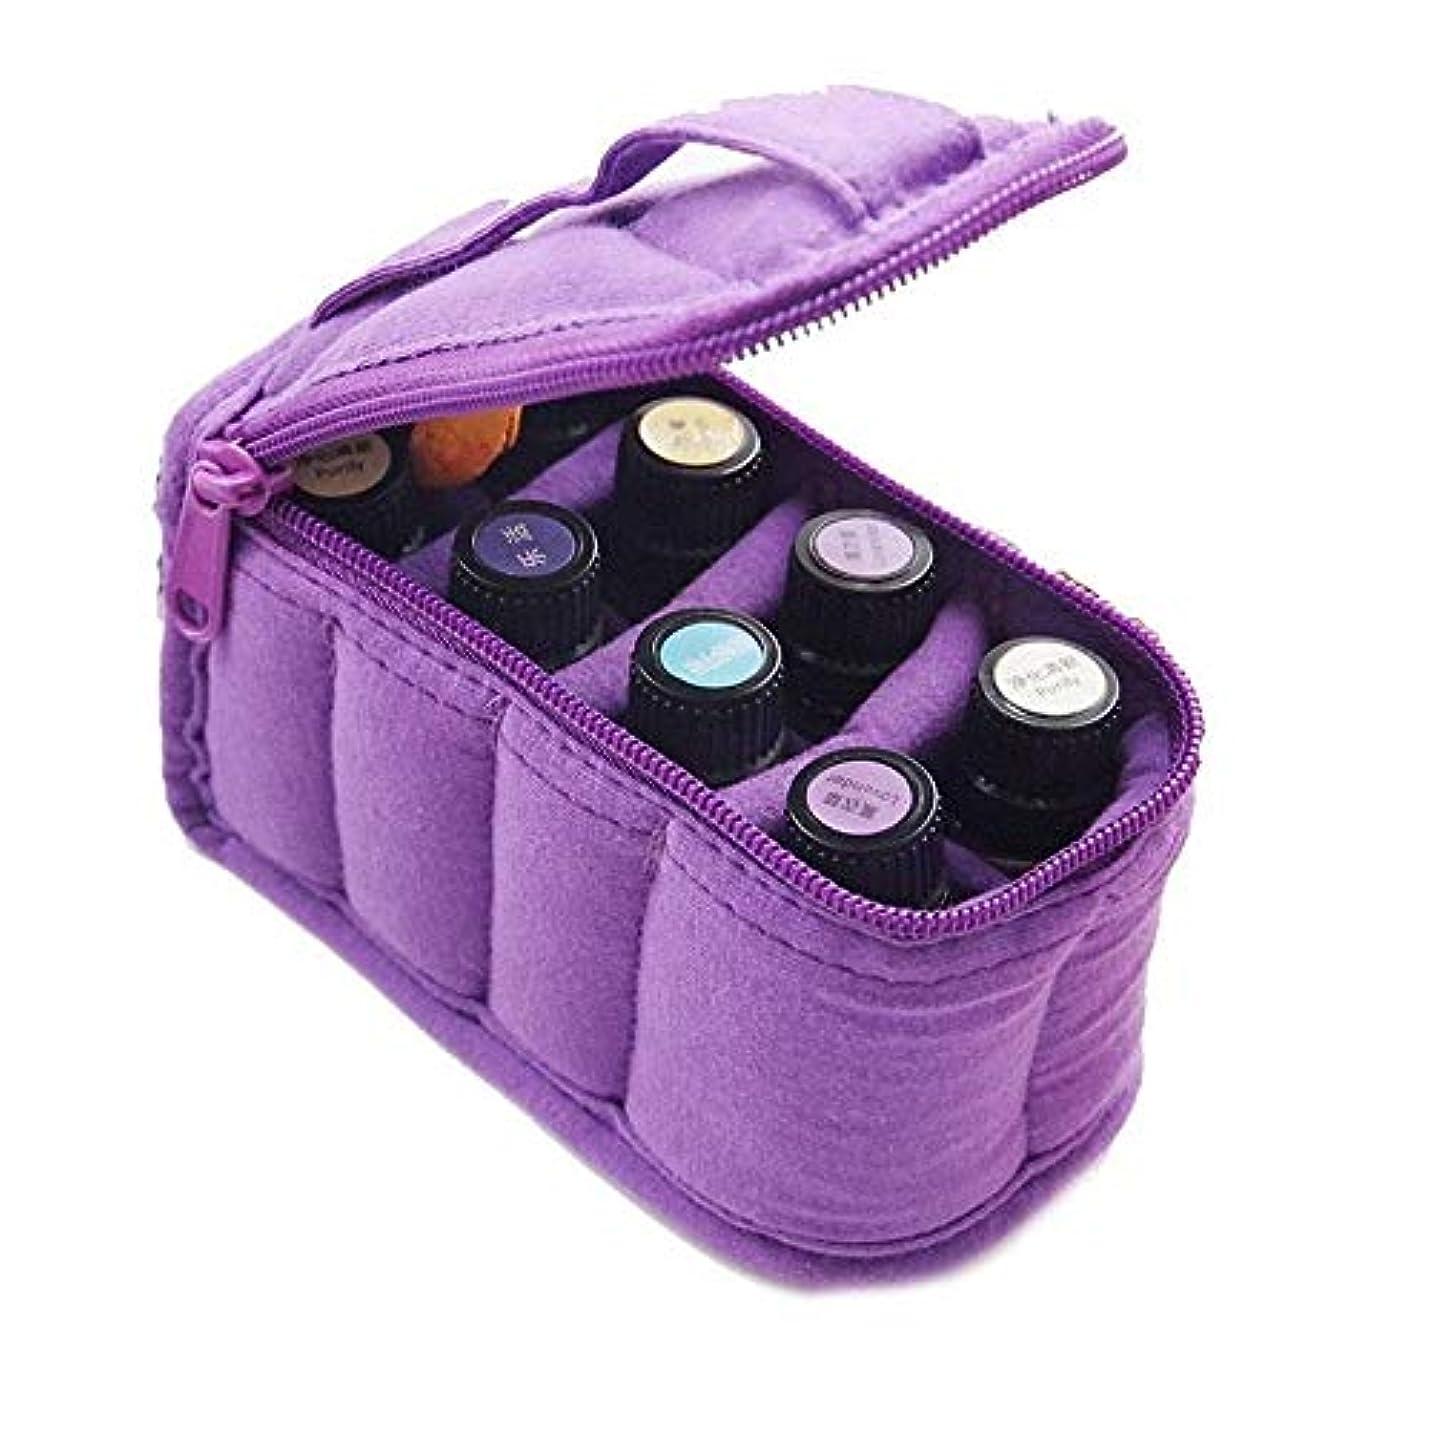 ユーモラス任命わざわざエッセンシャルオイルボックス 10-15MLオイルオーガナイザーバッグは、フロントオイルホルスターに高レベルの保護を扱います アロマセラピー収納ボックス (色 : 紫の, サイズ : 13X7X7.5CM)